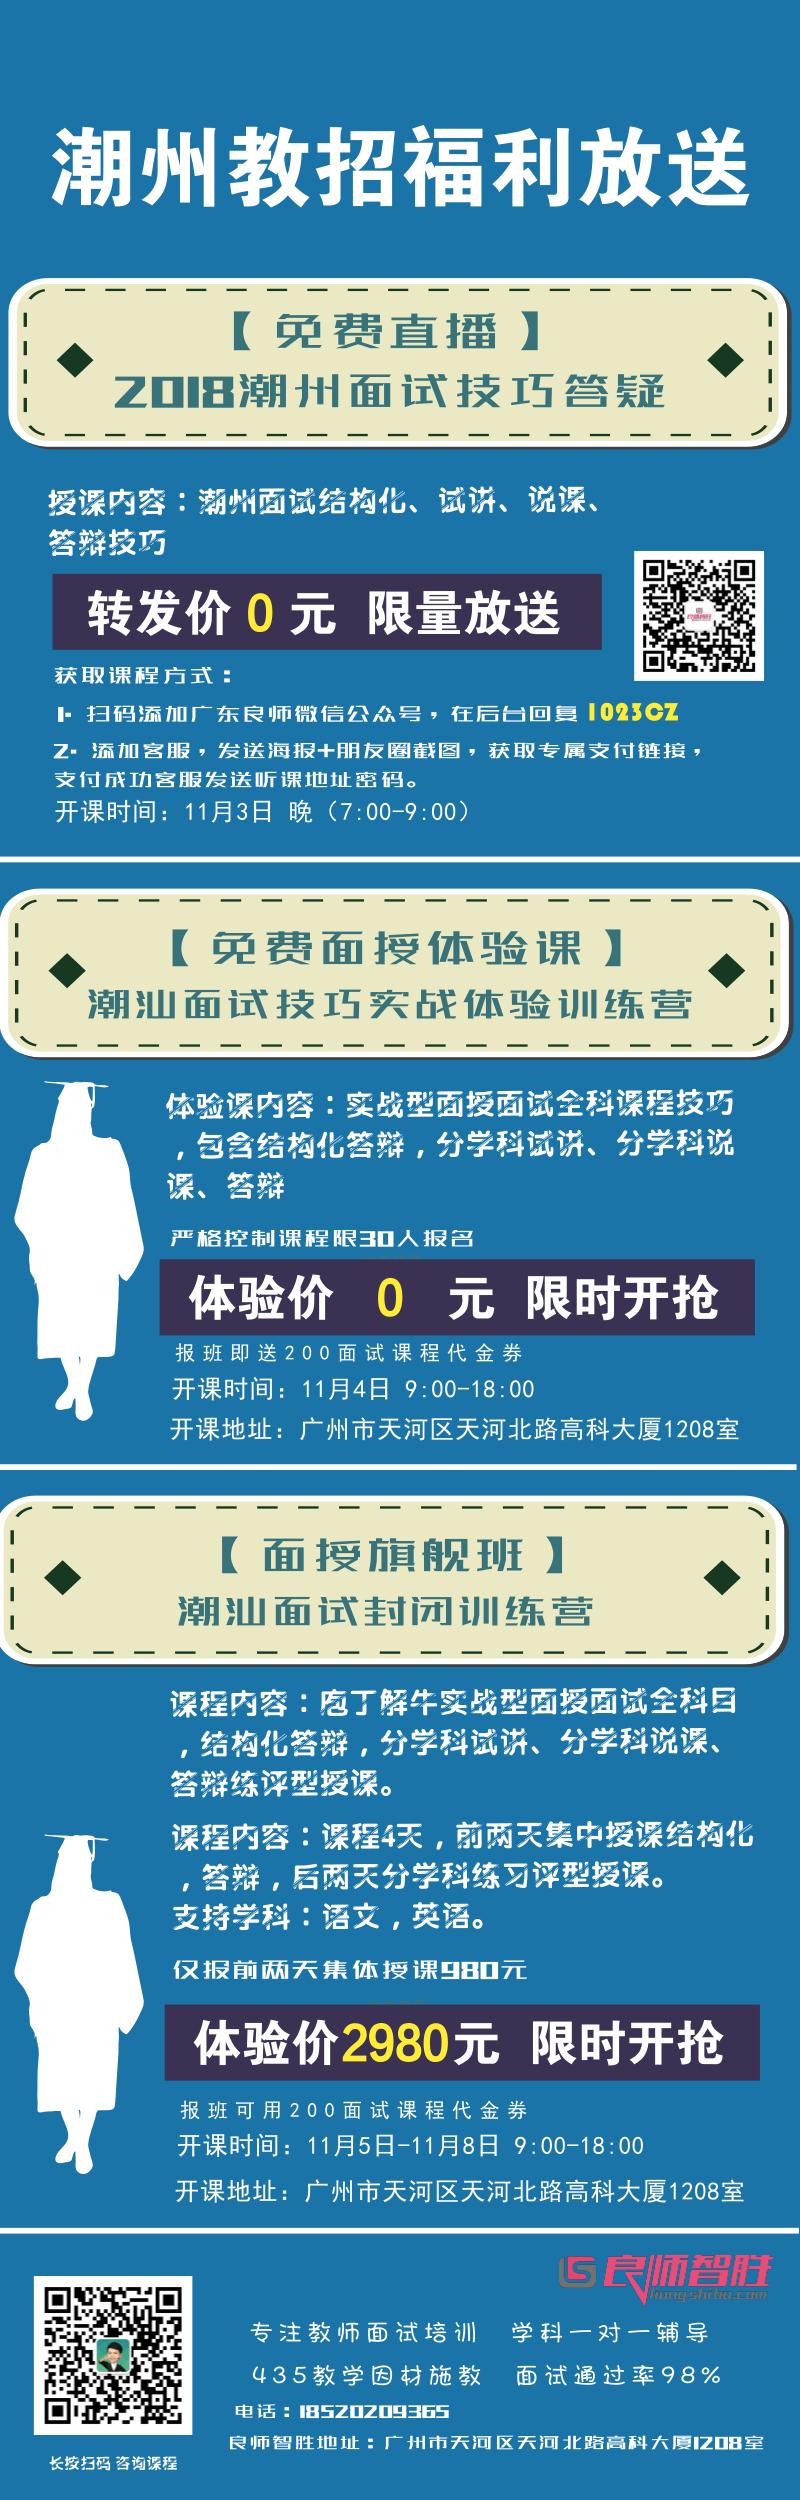 潮州教招课程1期_信息图_2017.10.23.png